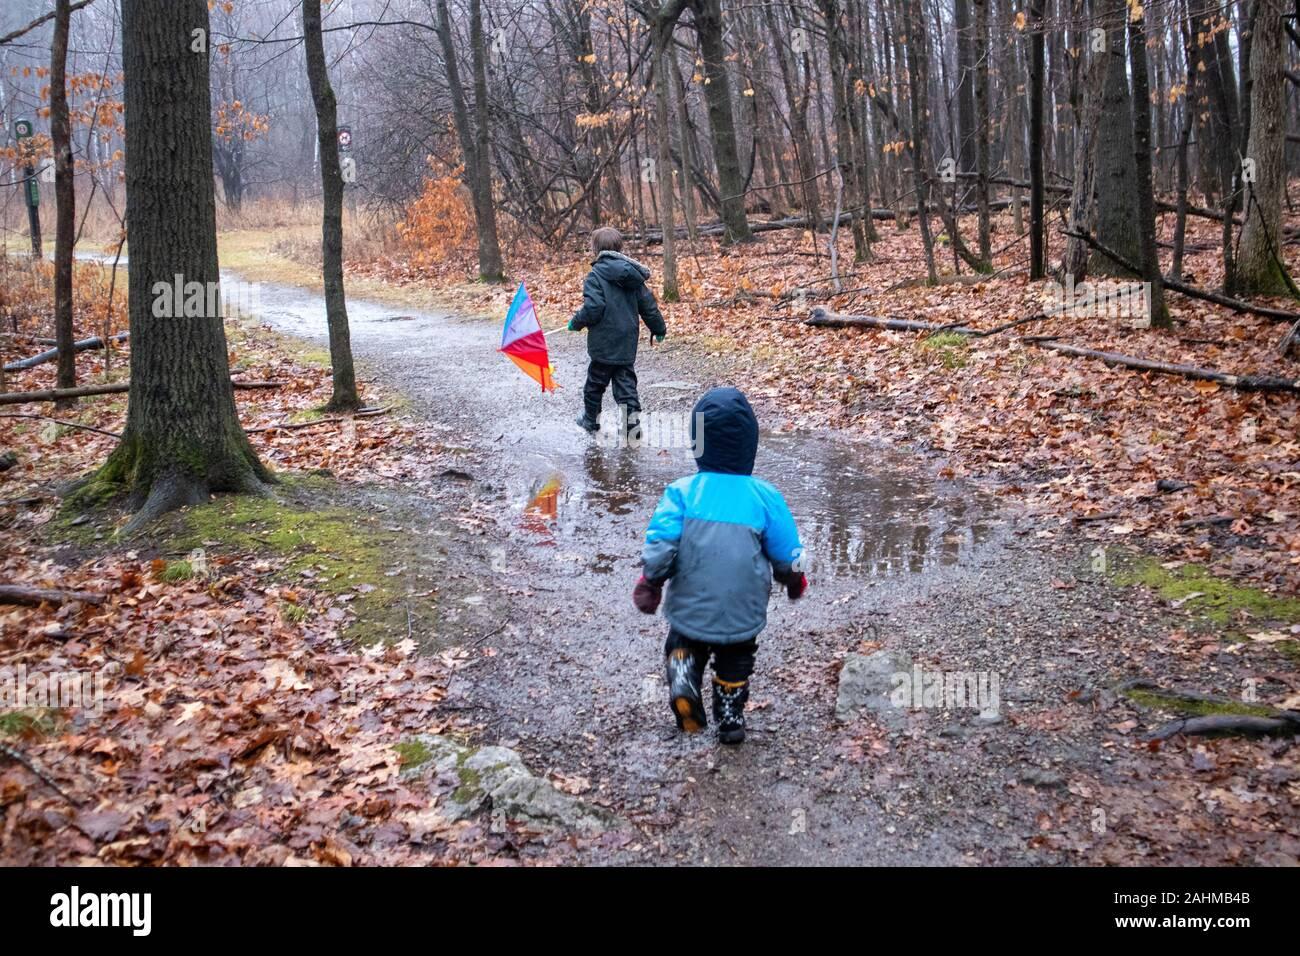 Due calorosamente vestita di Fratelli, giovani ragazzi di età compresa tra 2 e 5, sono correndo giù per un sentiero attraverso la foresta. Nel tardo autunno, foglie di autunno sono sul g Foto Stock